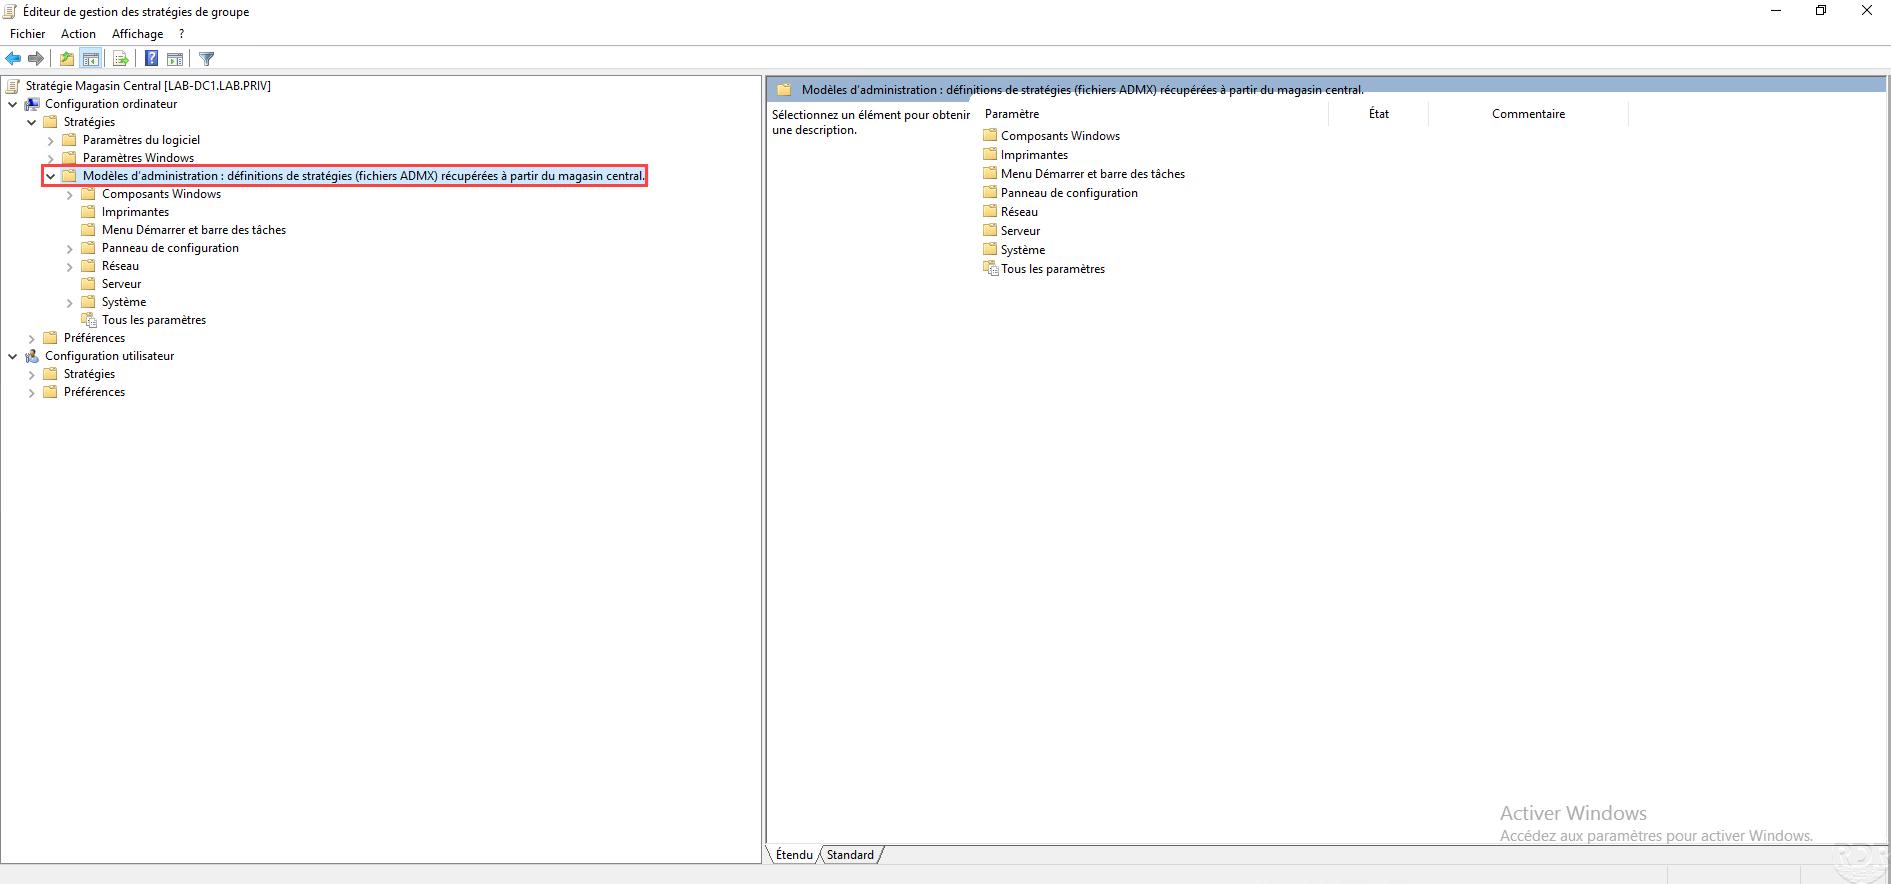 Active Directory : configurer un magasin central pour les fichiers ADMX / ADML